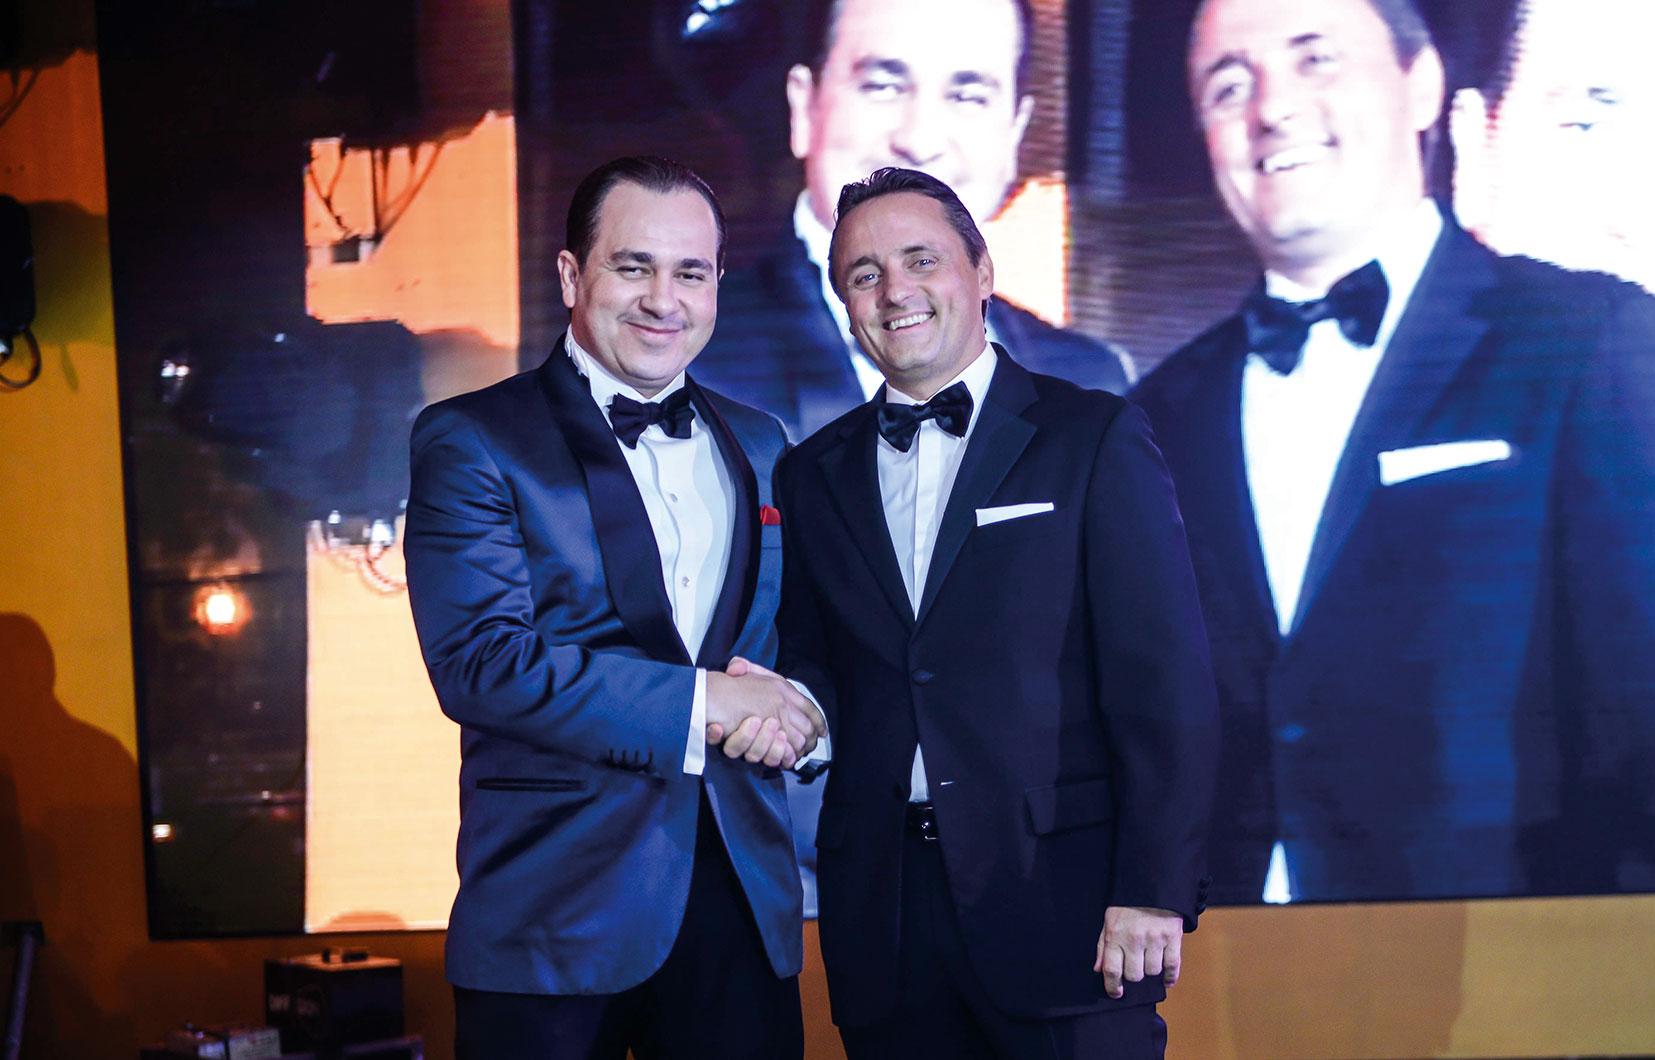 Mr.-Mohamed-Karrar-&-Mr.-Konstantin-Zeuke